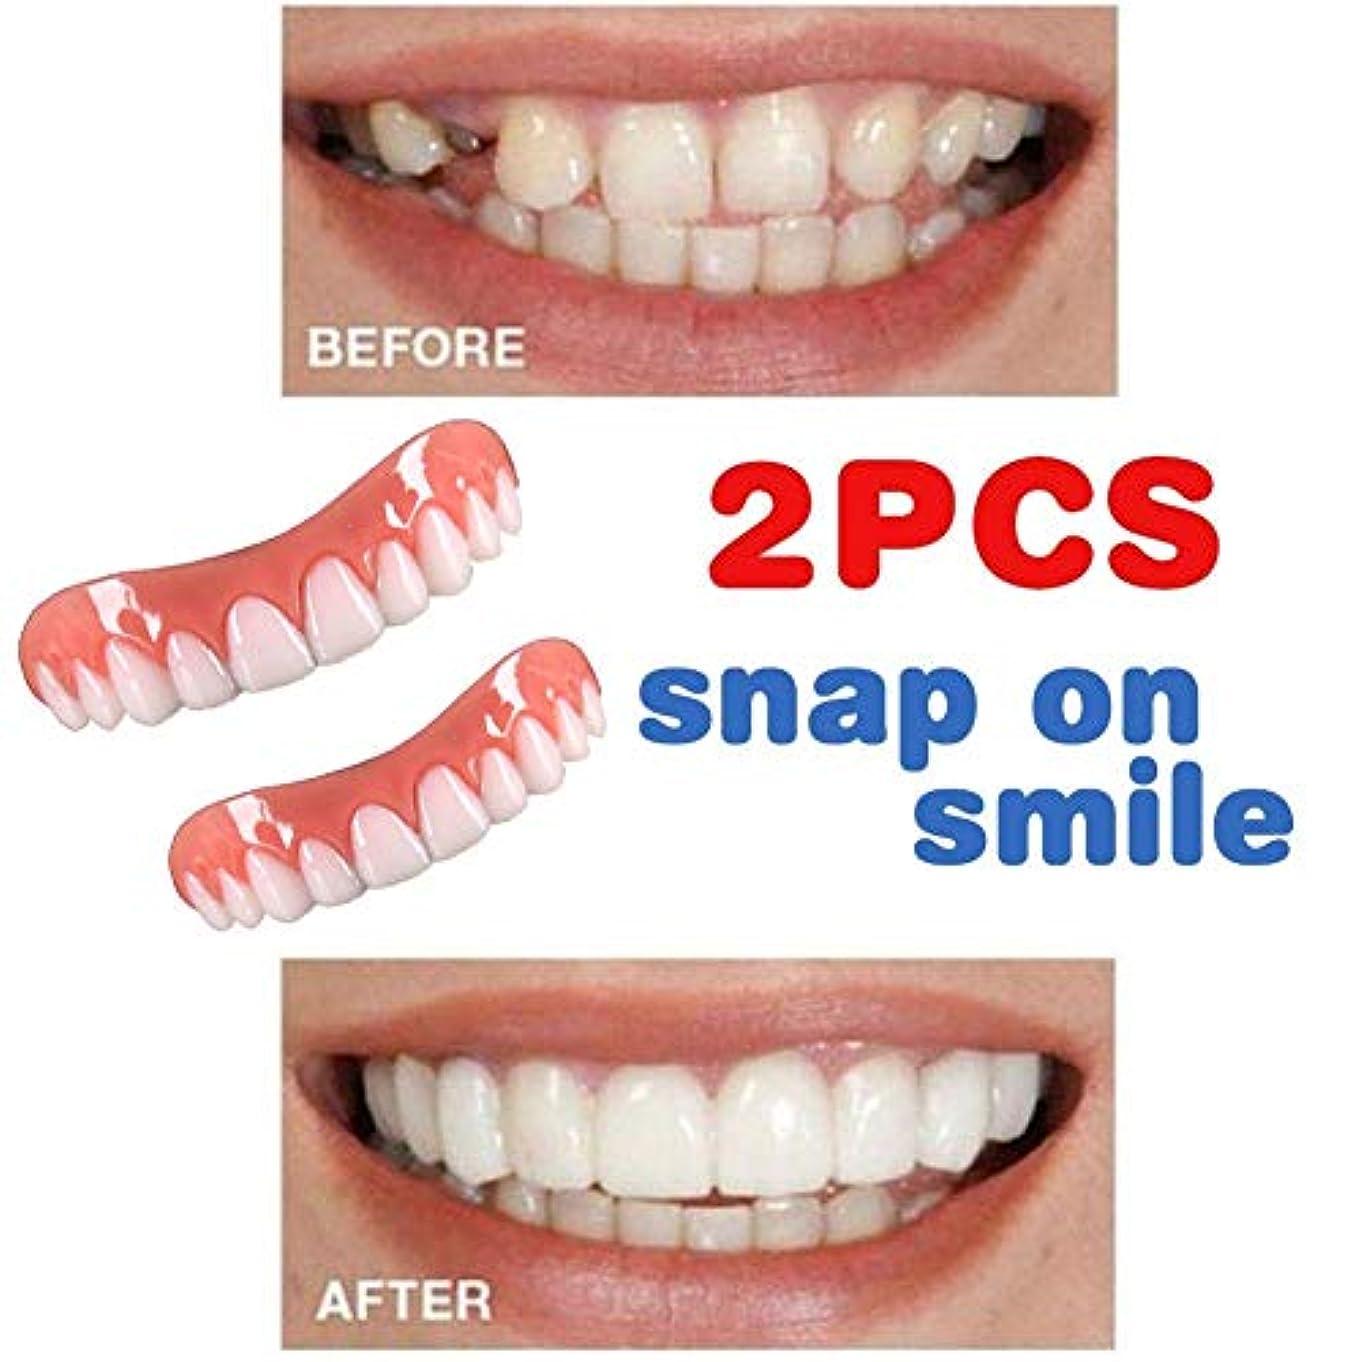 書き込み食物検査官男性の女性のアッパー用の化粧用歯は、自宅でフラットフィットになります